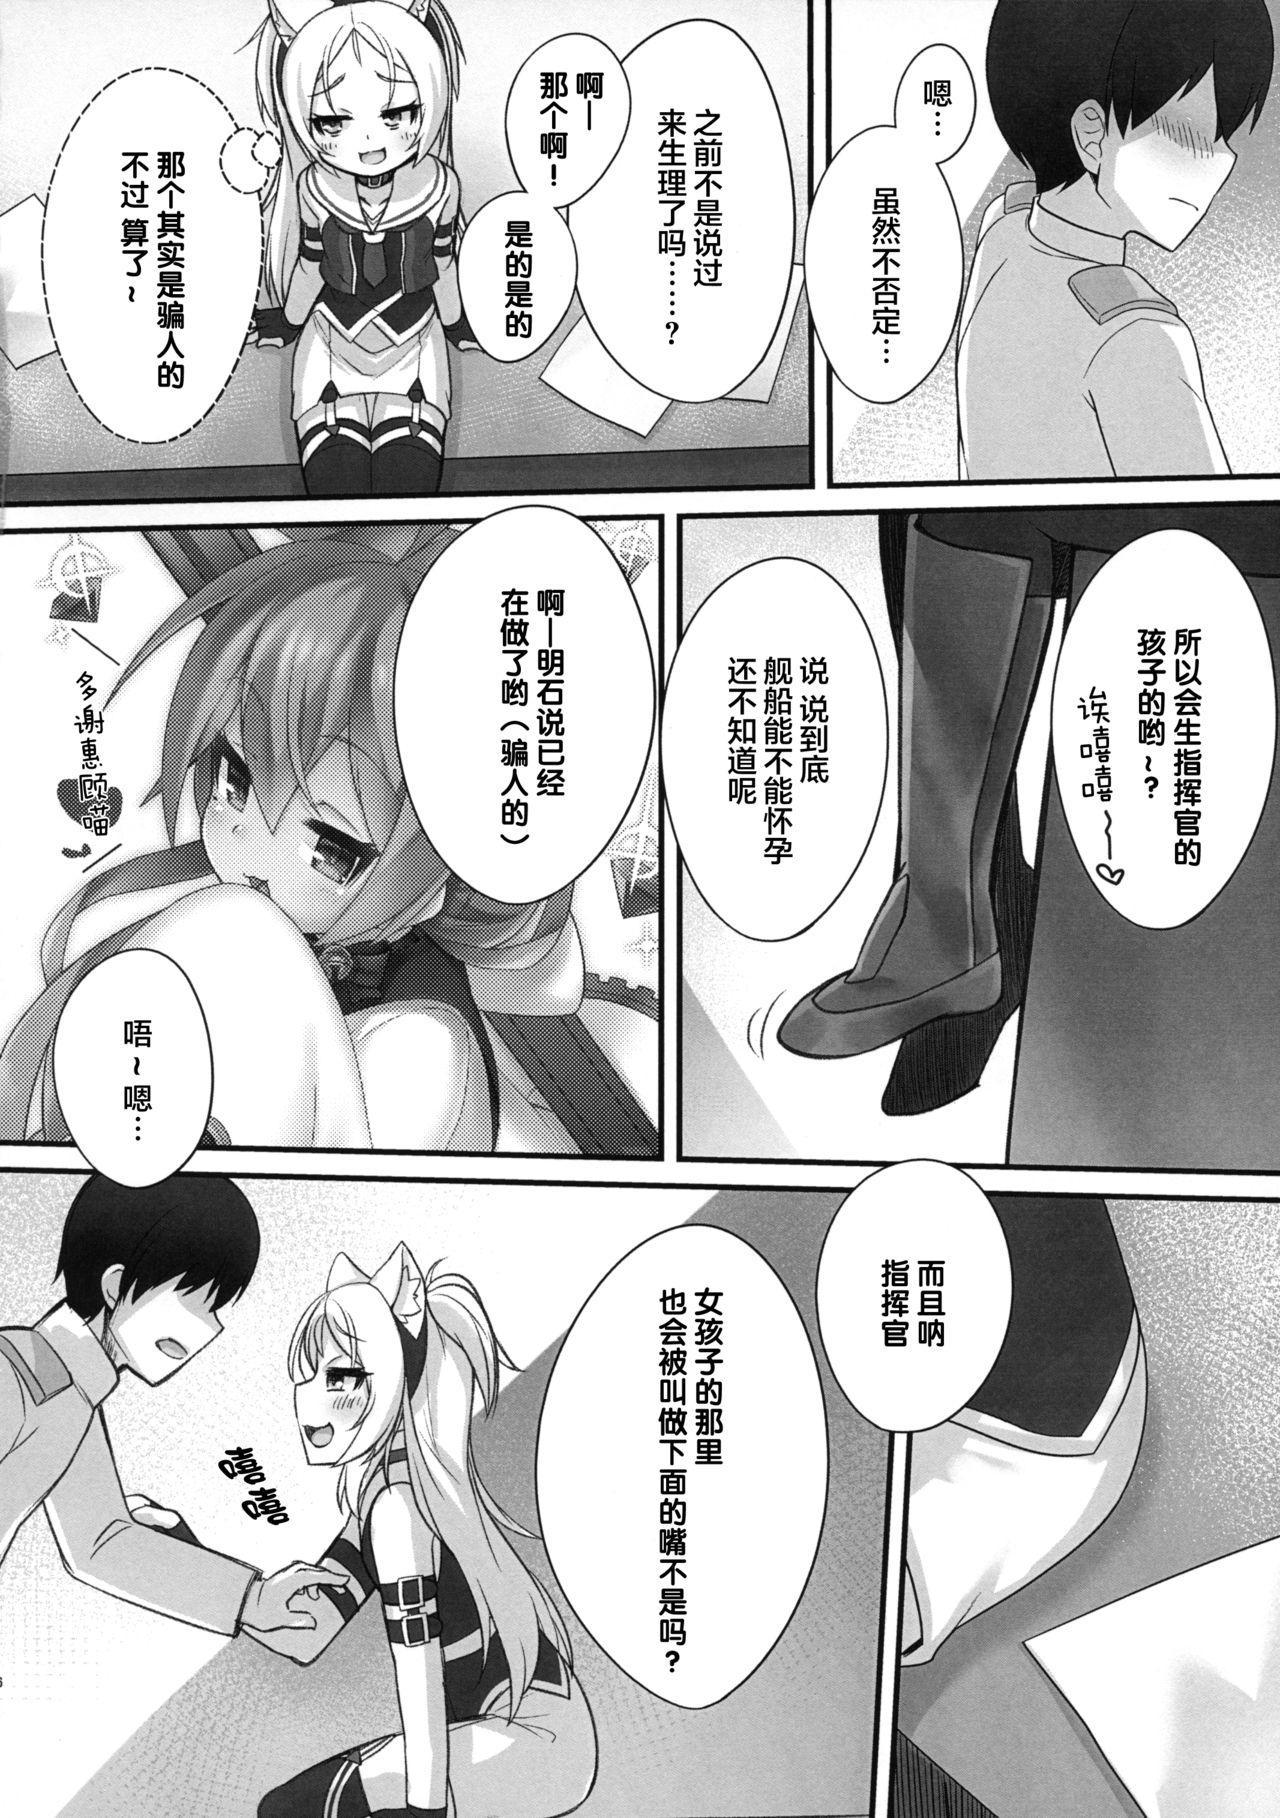 (C96) [Gensou Mikan (Kirimia)] Shikikan-saa~ Kouiu no Suki desho?   指揮官呀~喜欢这种的吧? (Azur Lane) [Chinese] [Lolipoi汉化组] 5